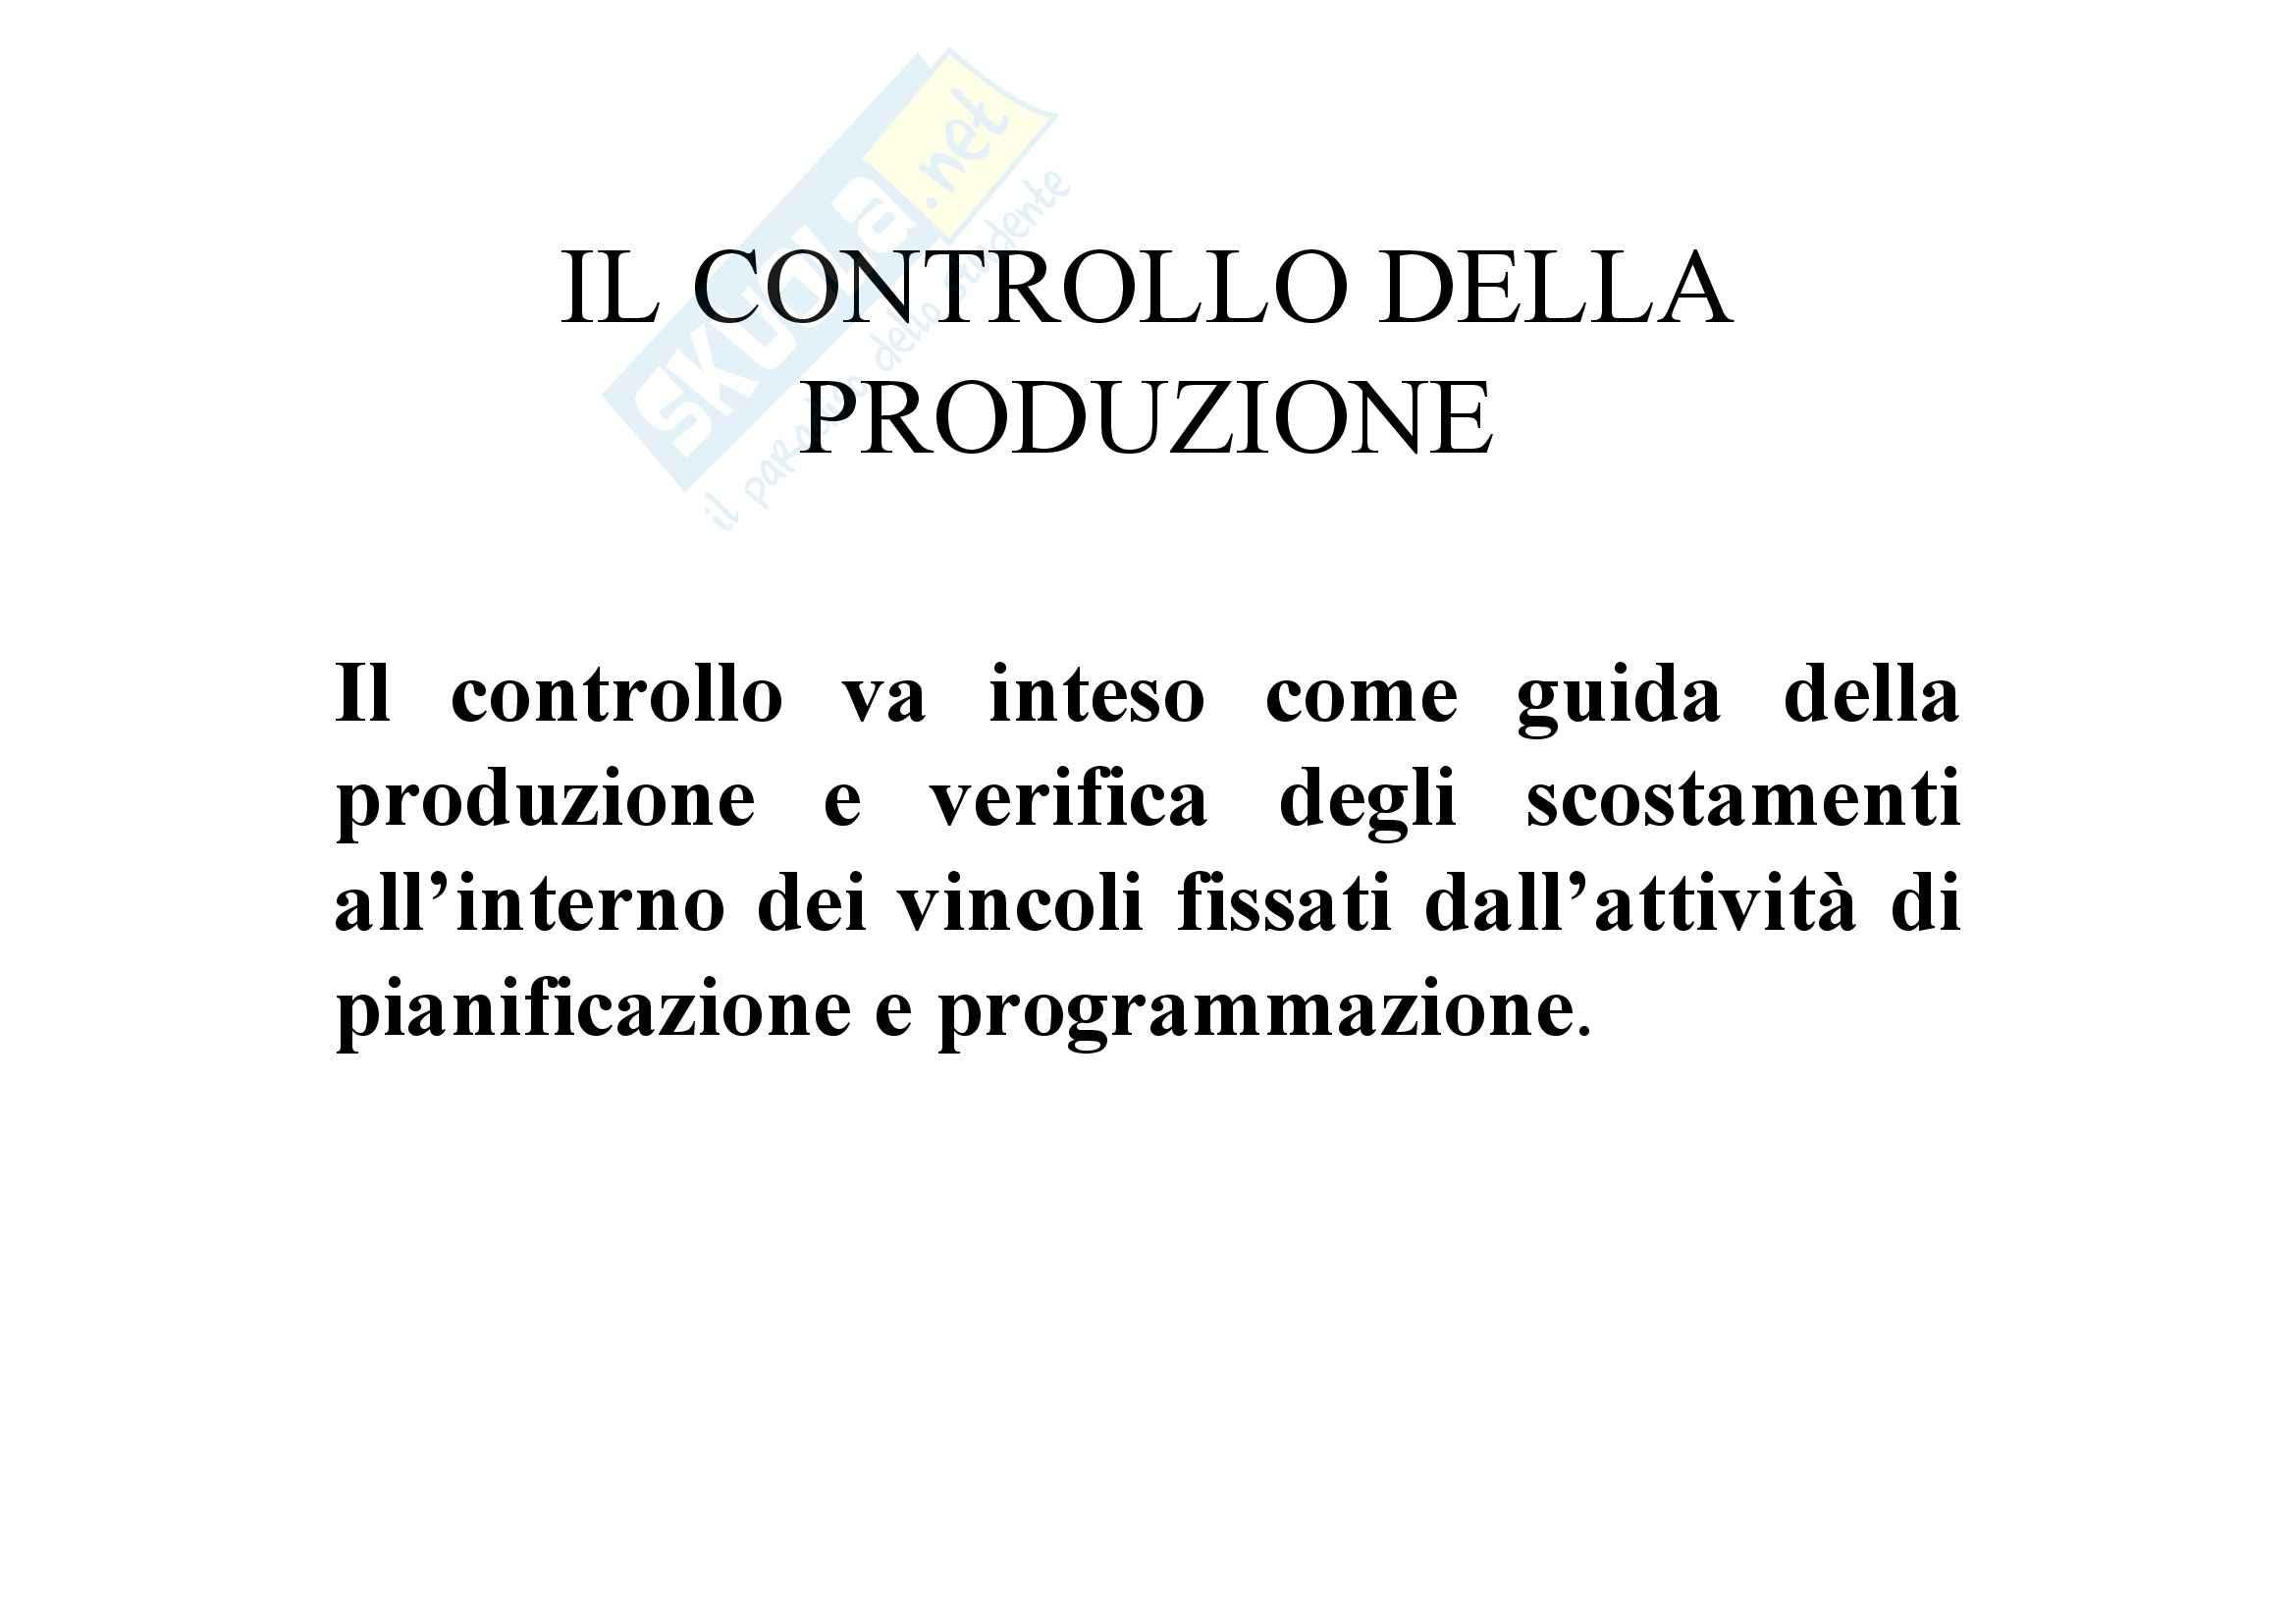 Tecnologia dei cicli produttivi - controllo della produzione